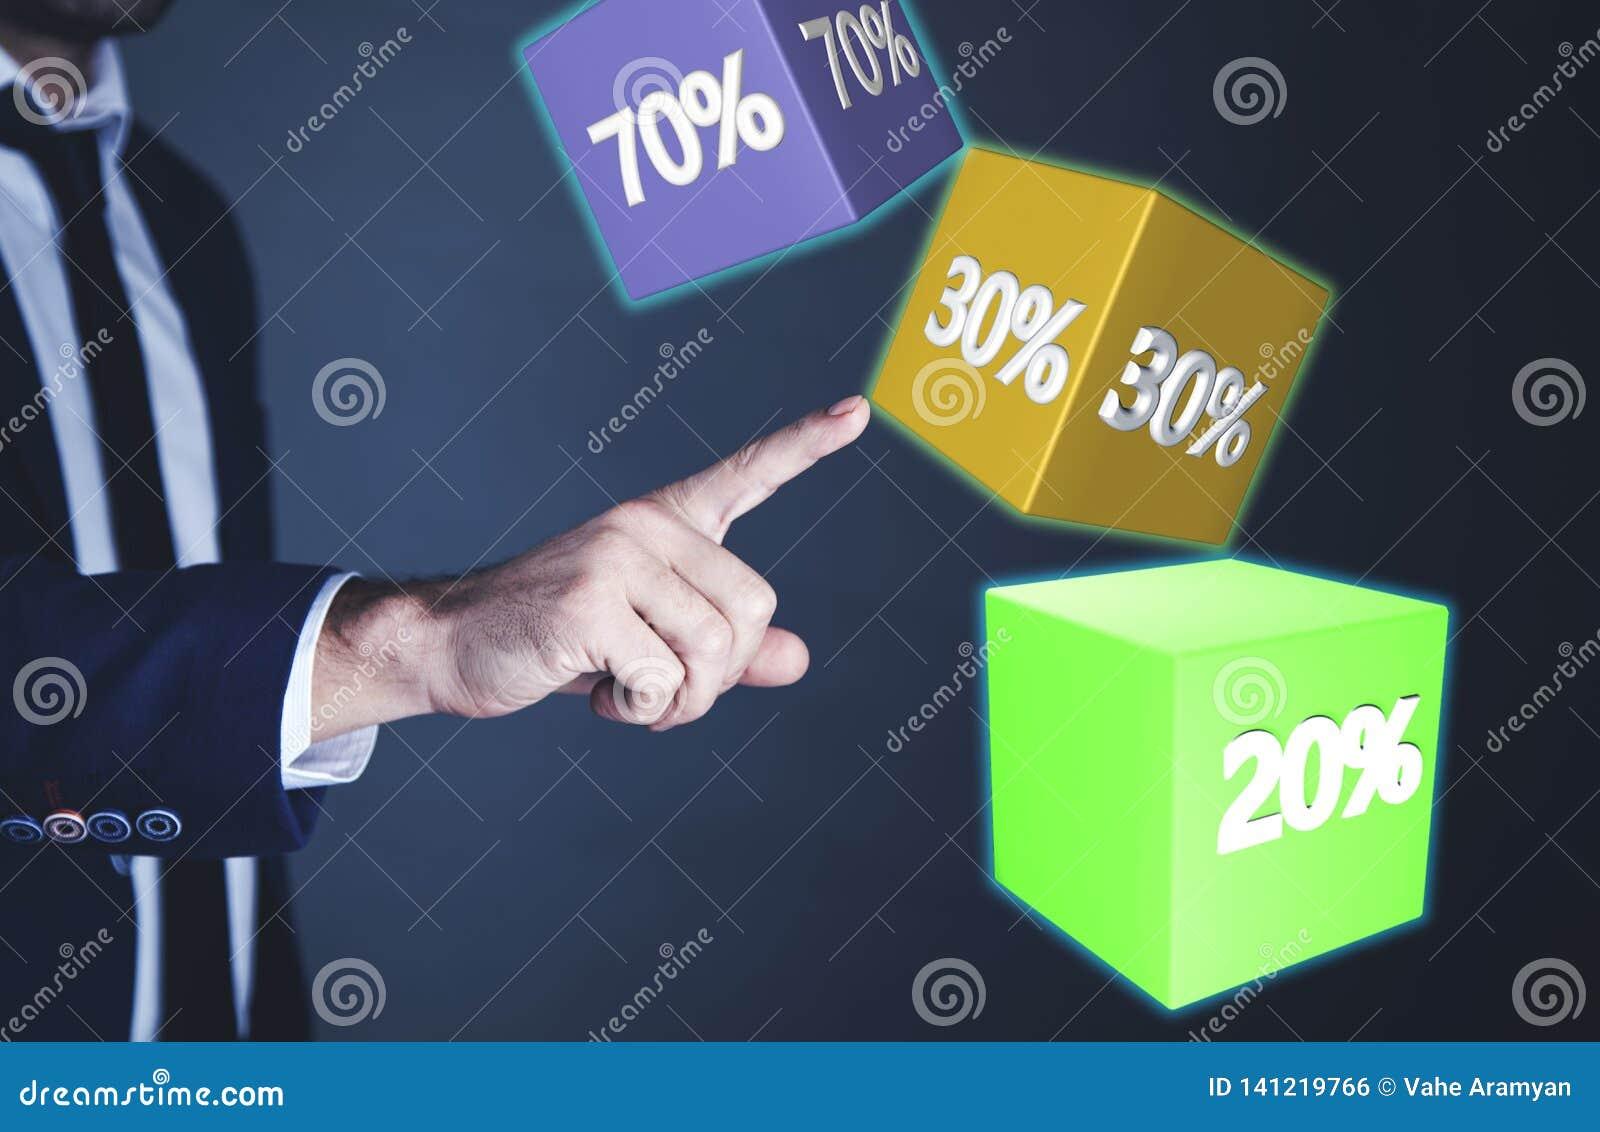 Mens wat betreft in procenten